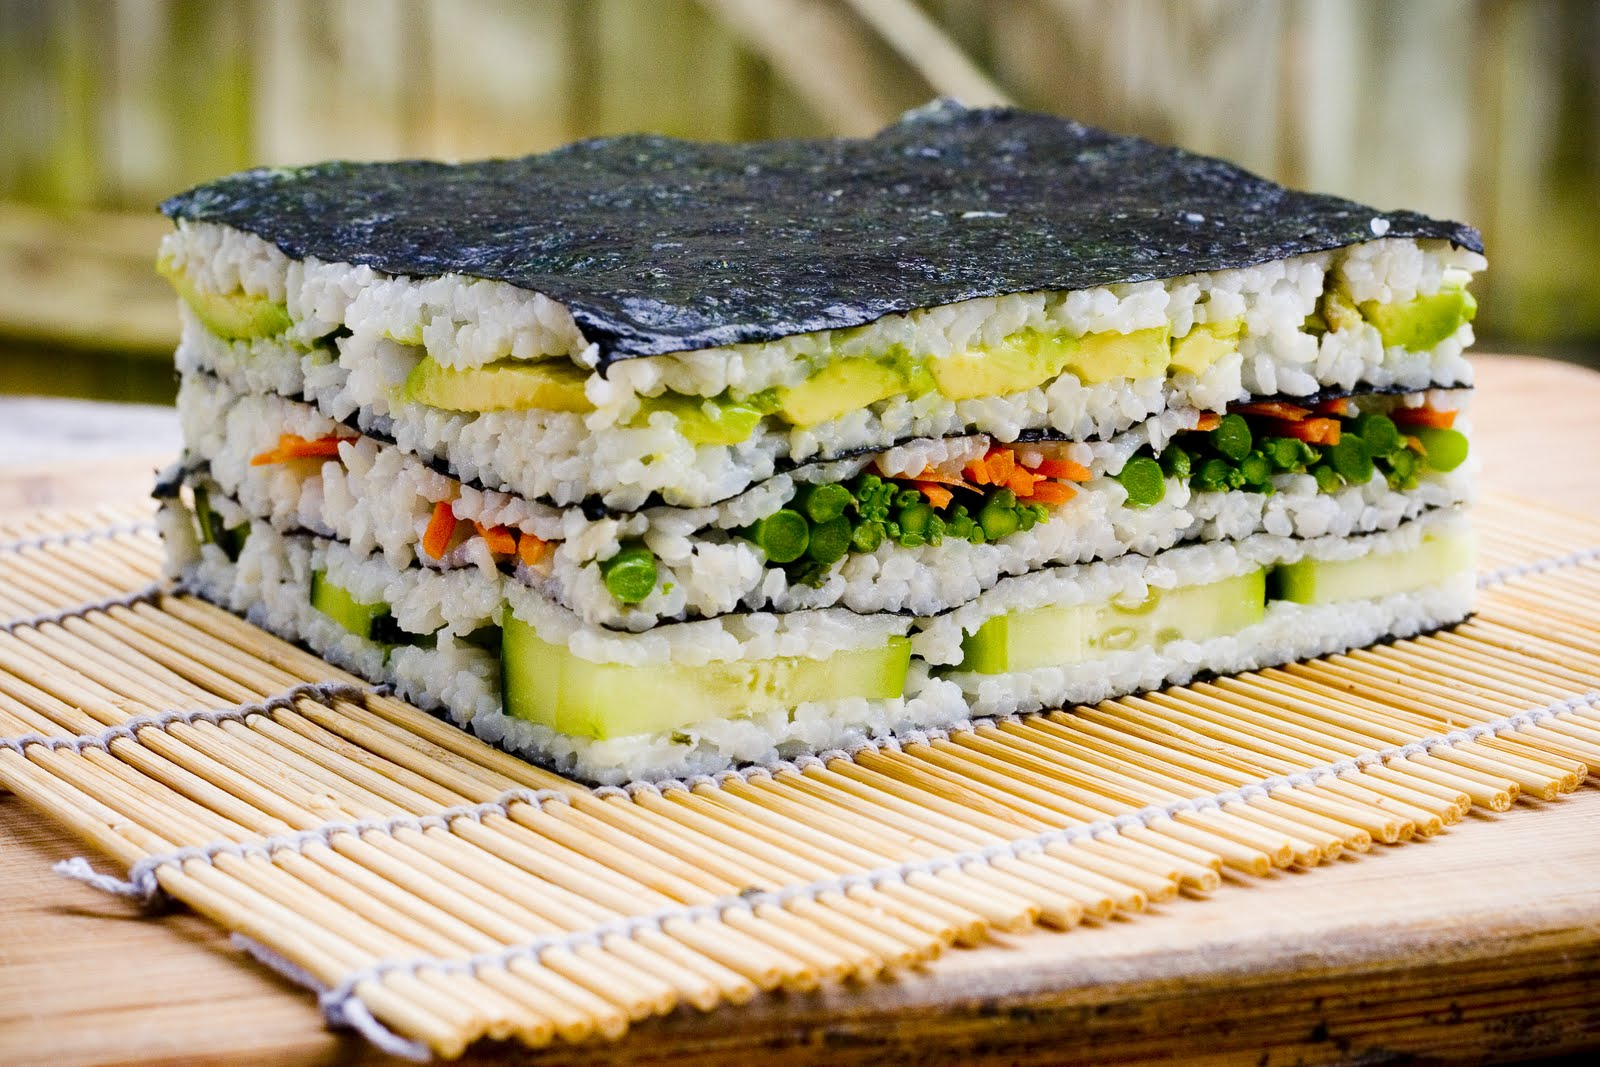 How to make sushi cake